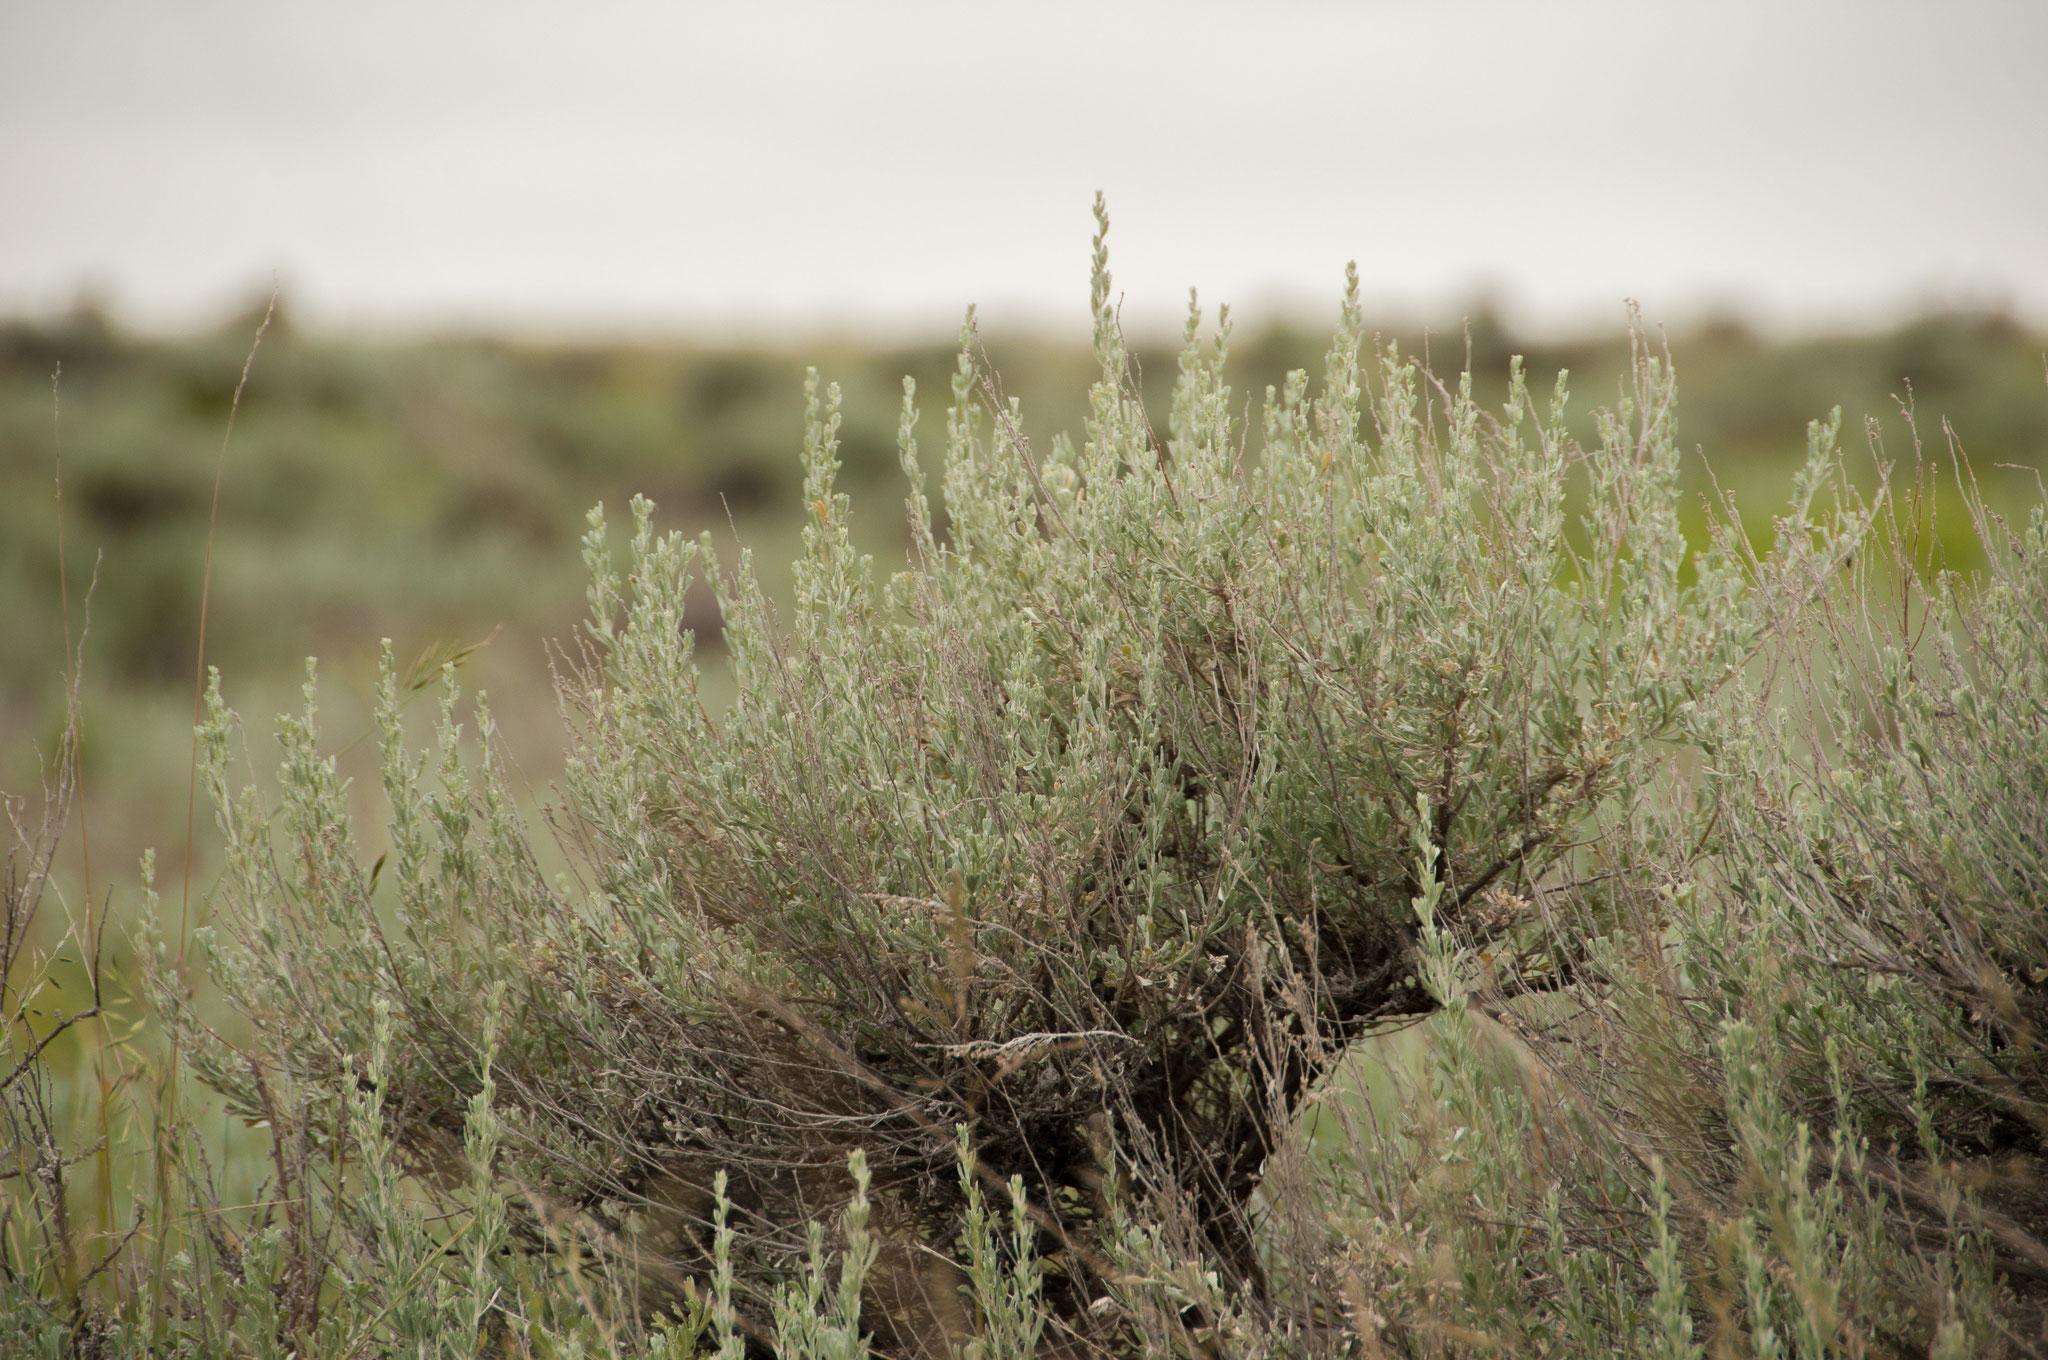 White Sage - der Weisse Salbei aus den USA. Eine reinigende und schützende Pflanze.